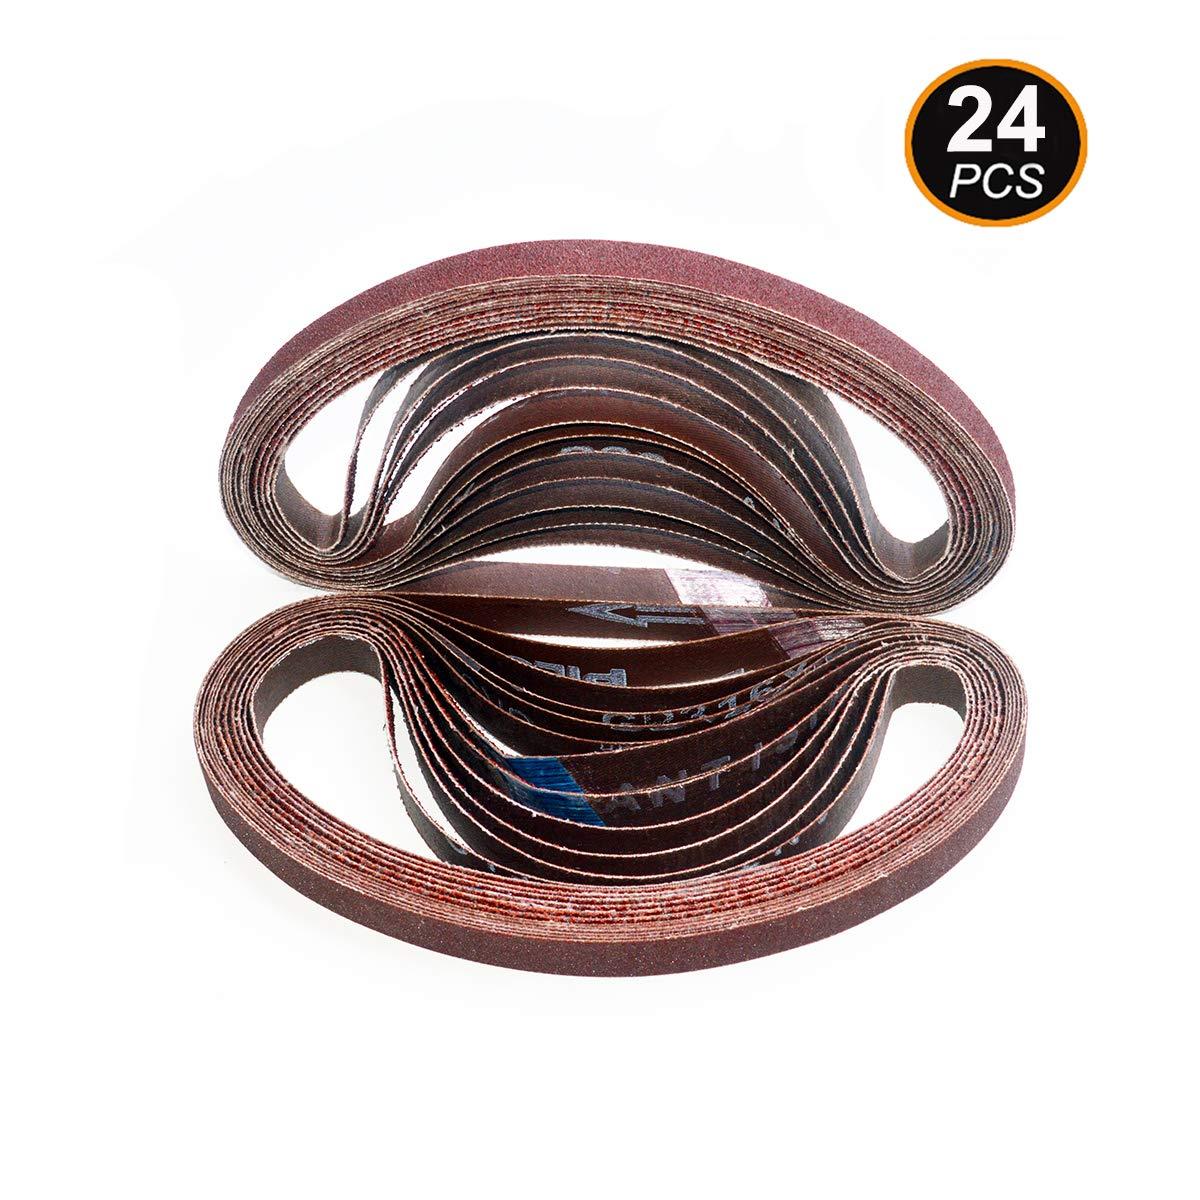 Aiyard 1/2 x 18 inch Aluminum Oxide Sanding Belts, 40/60/80/120/180/240 Assorted Grits Abrasive File Belts for Air Belt Sander, 24-Pack